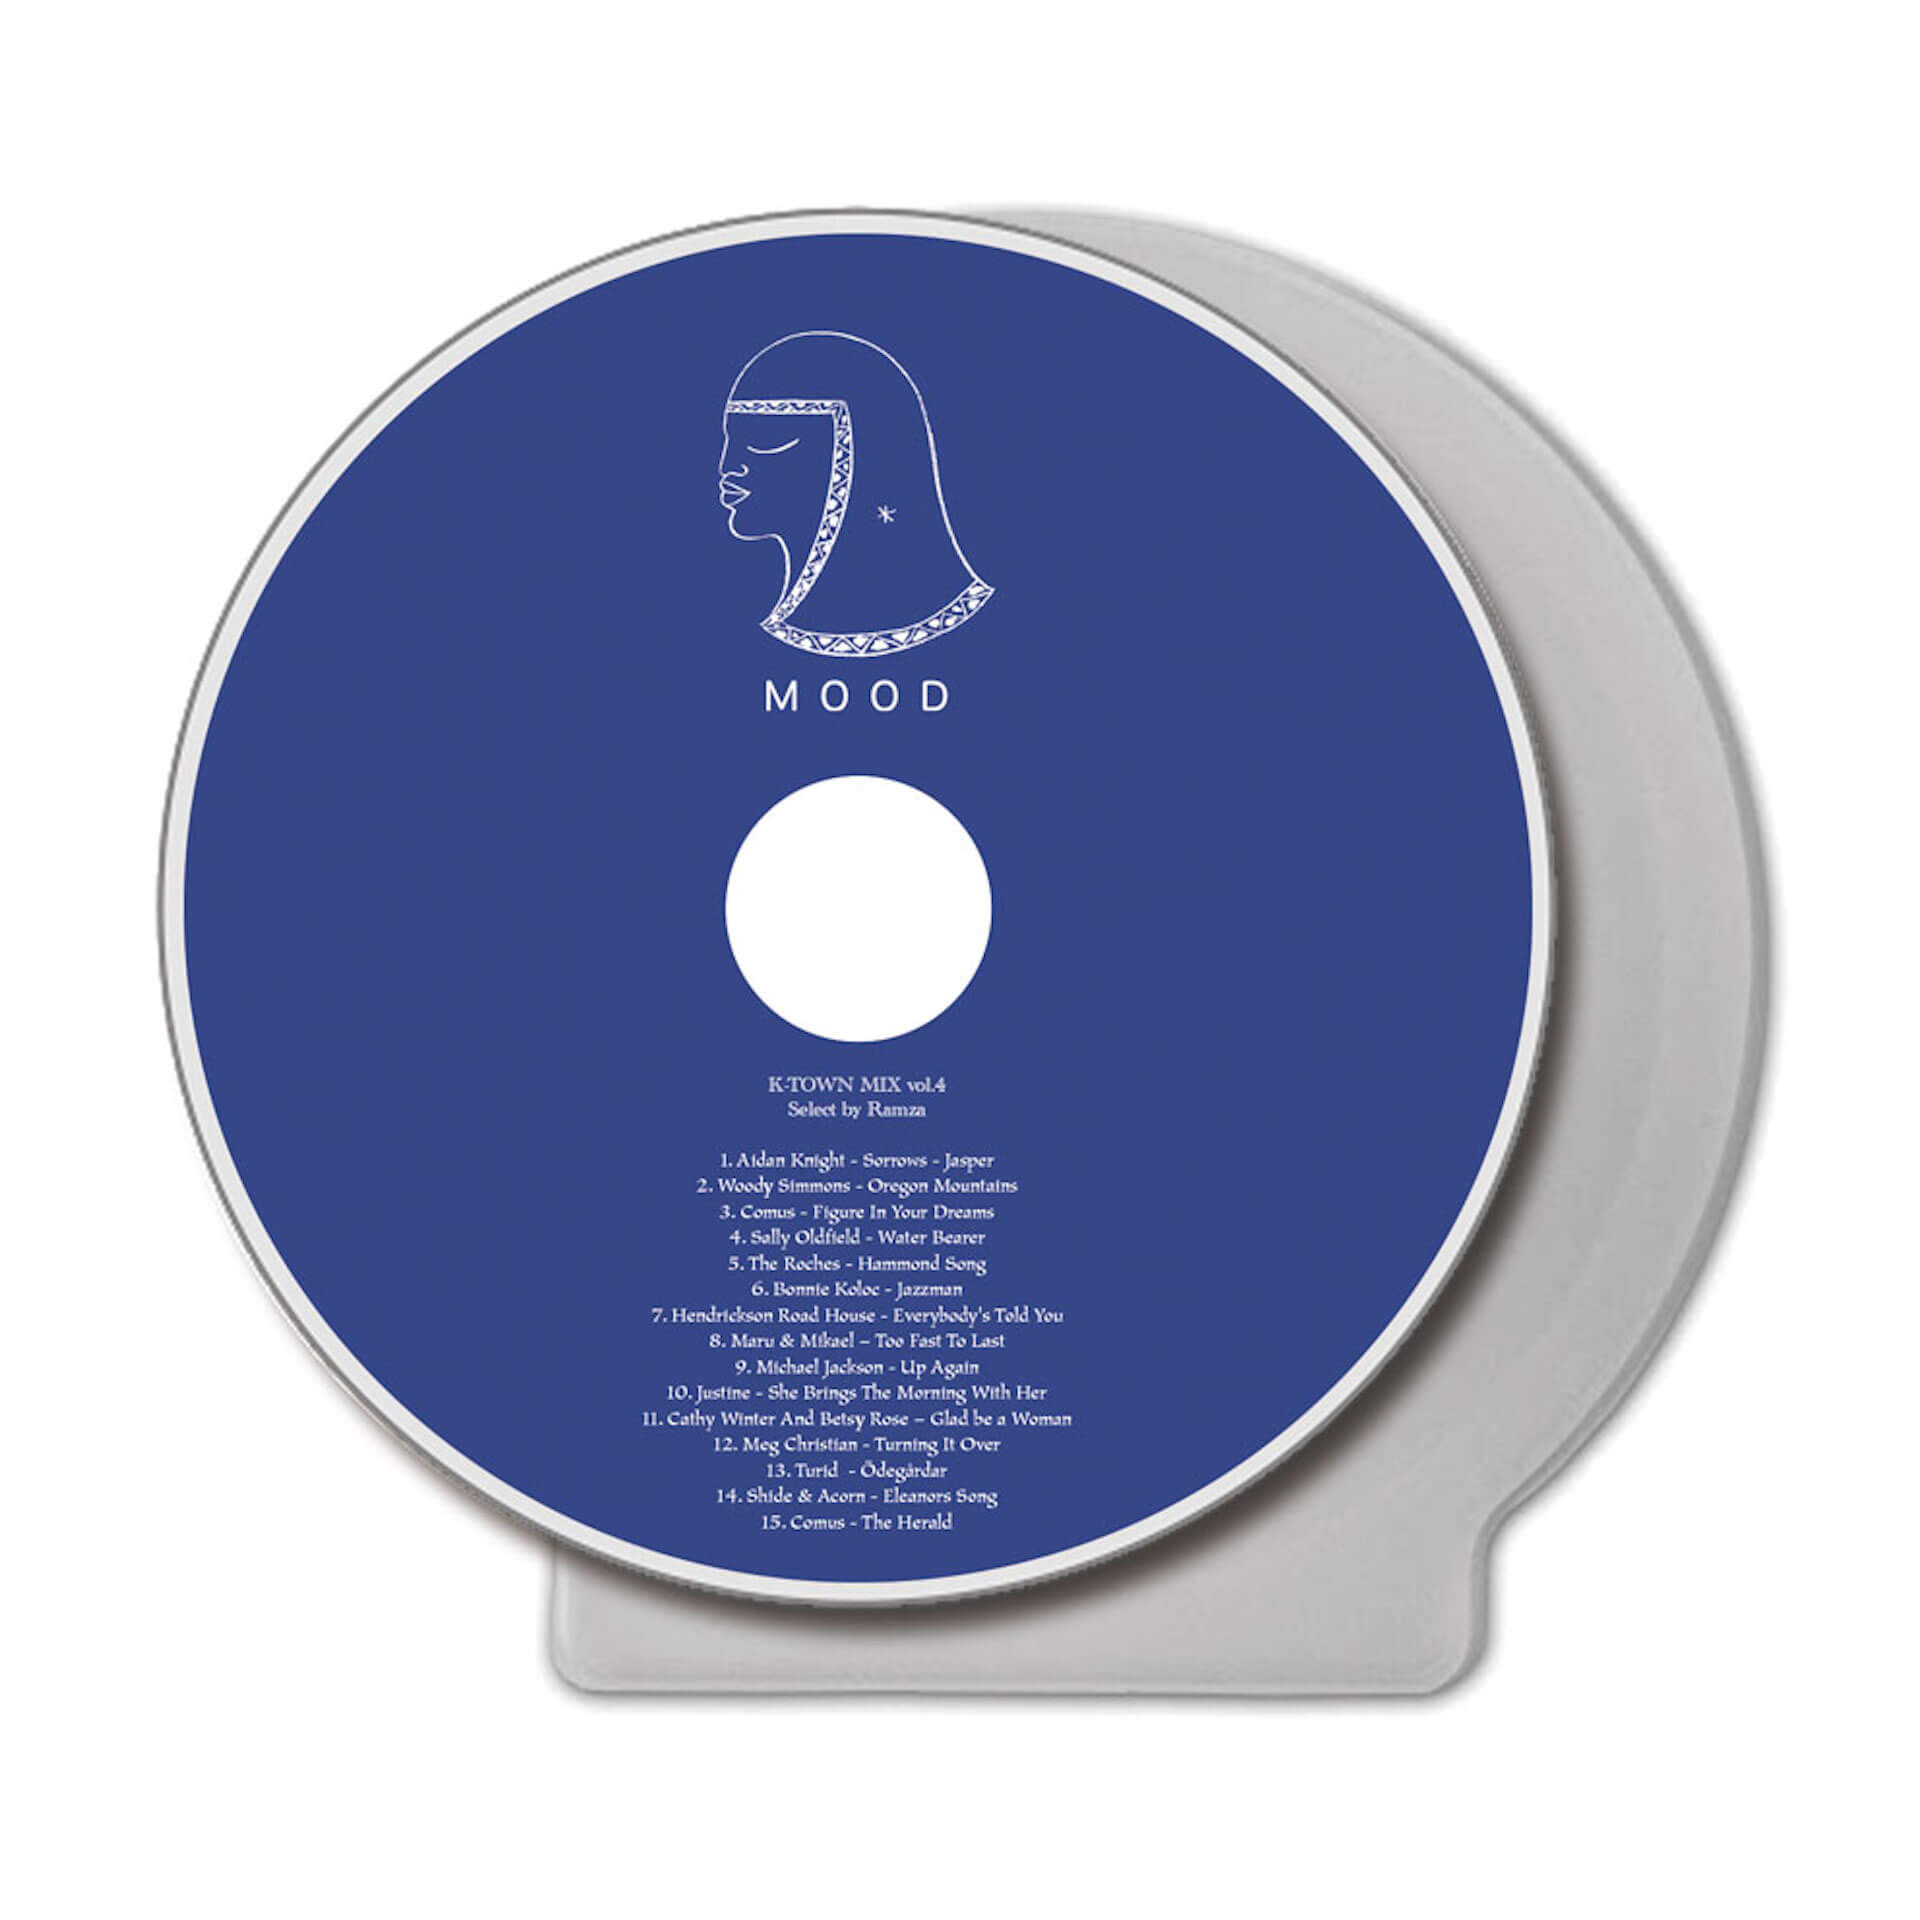 映画のサウンドトラックのような音楽景観|ビートメイカーRamzaによるミックスシリーズ『K-TOWN MIX』第4弾が発売決定! music200221_ramzamix_3